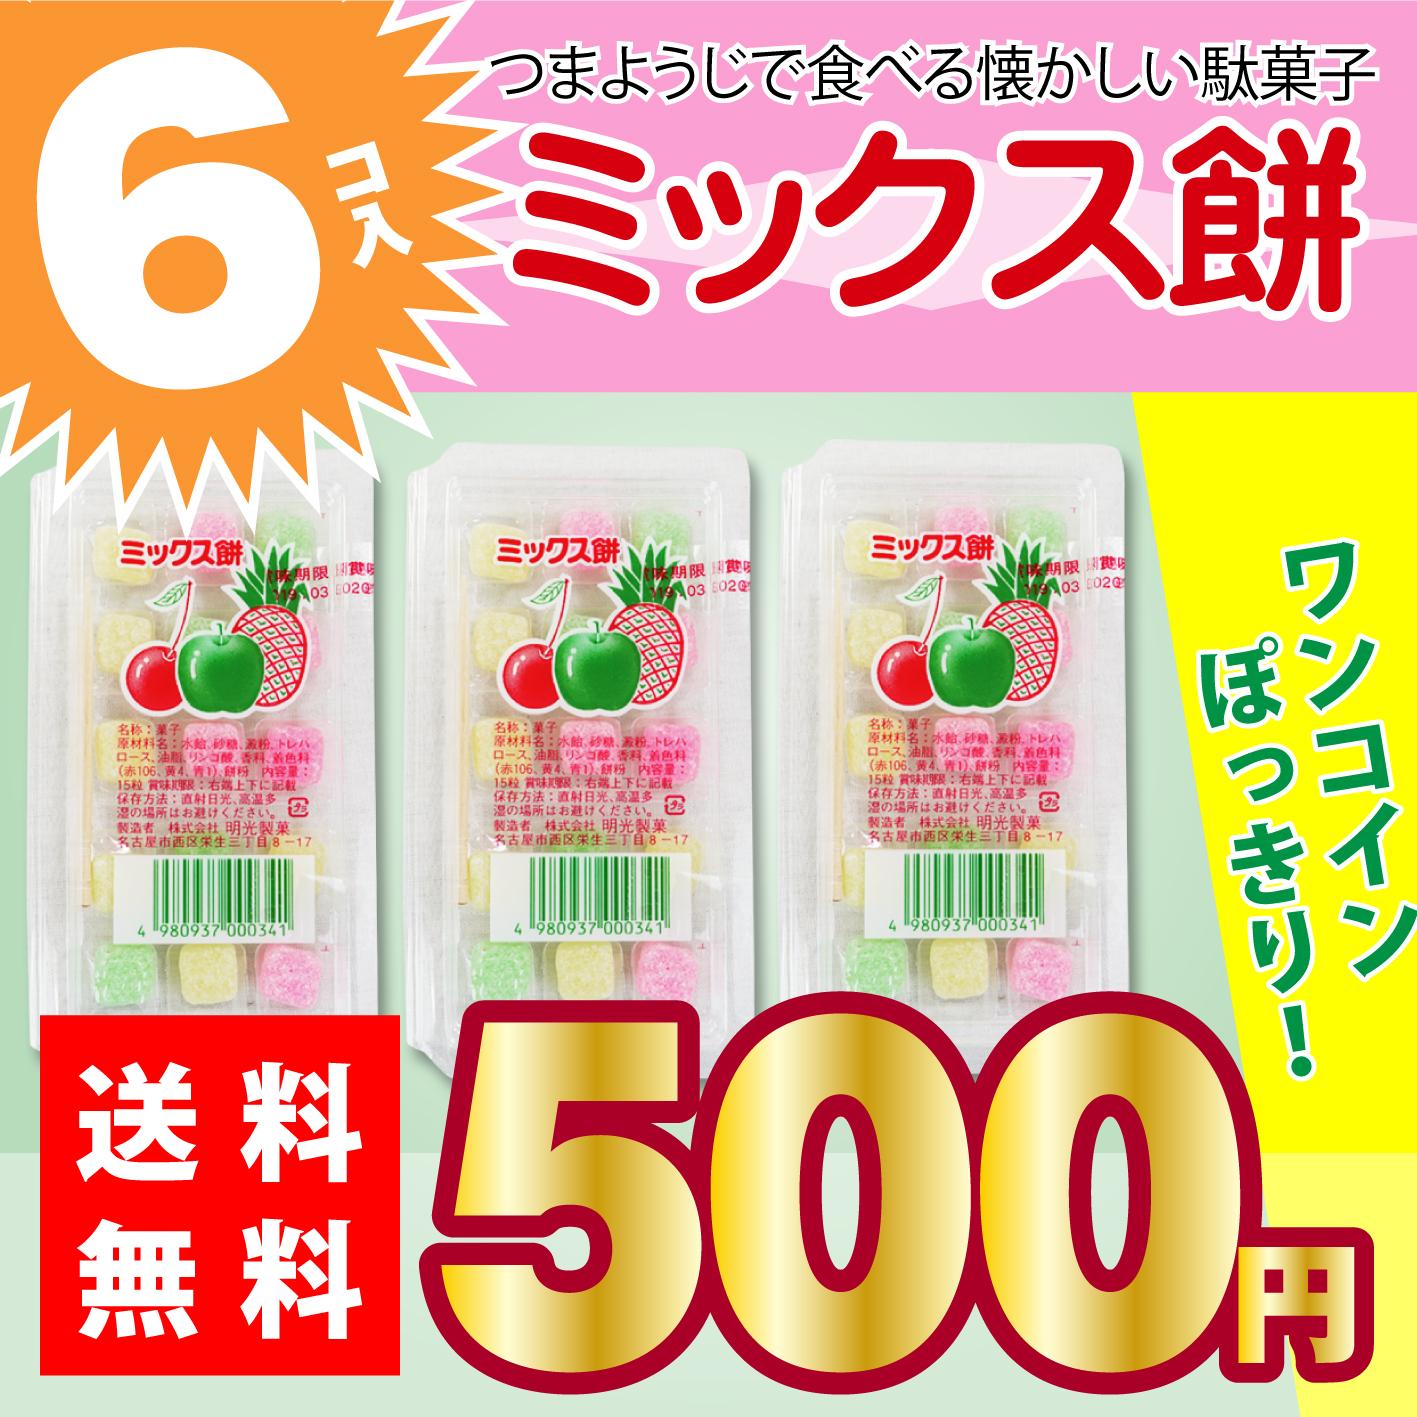 送料無料 500円ポッキリ 明光 ミックス餅 6個入 ポイント消化 ゆうパケットDM便